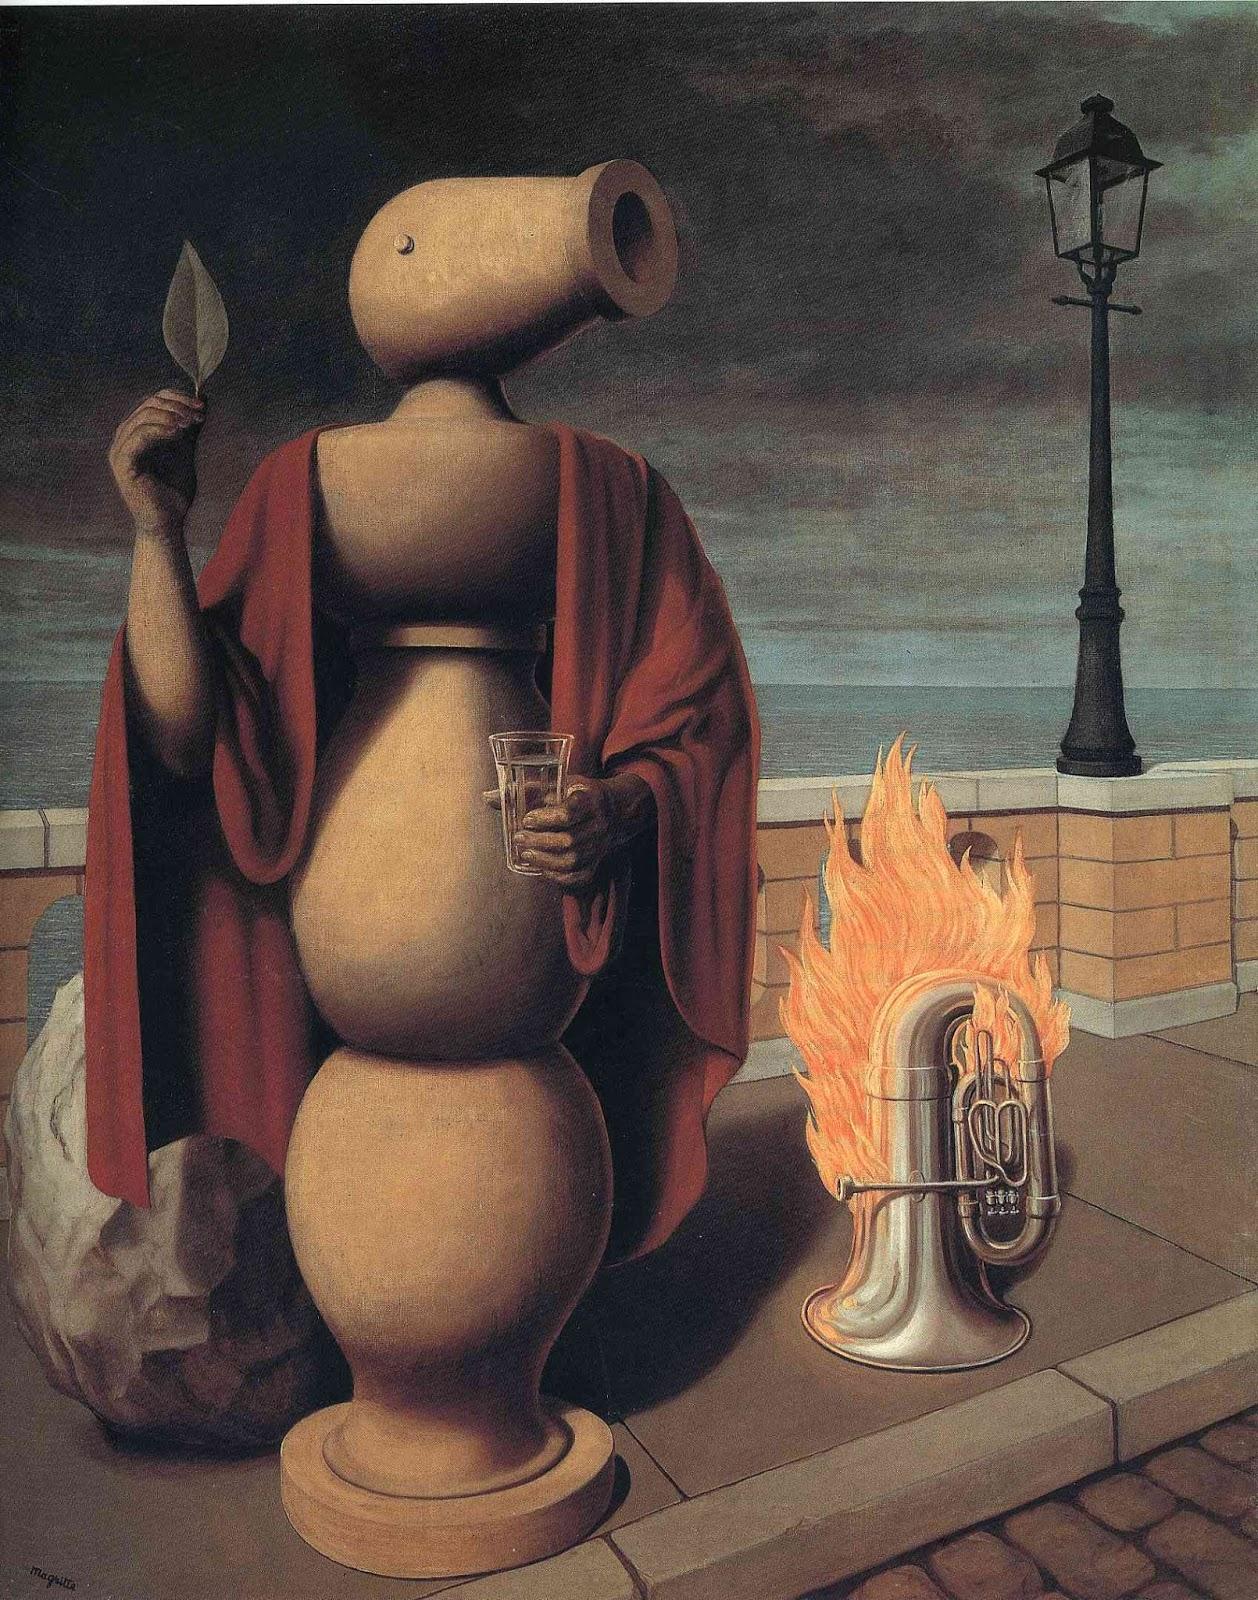 Рене Магритт - Права человека, 1947